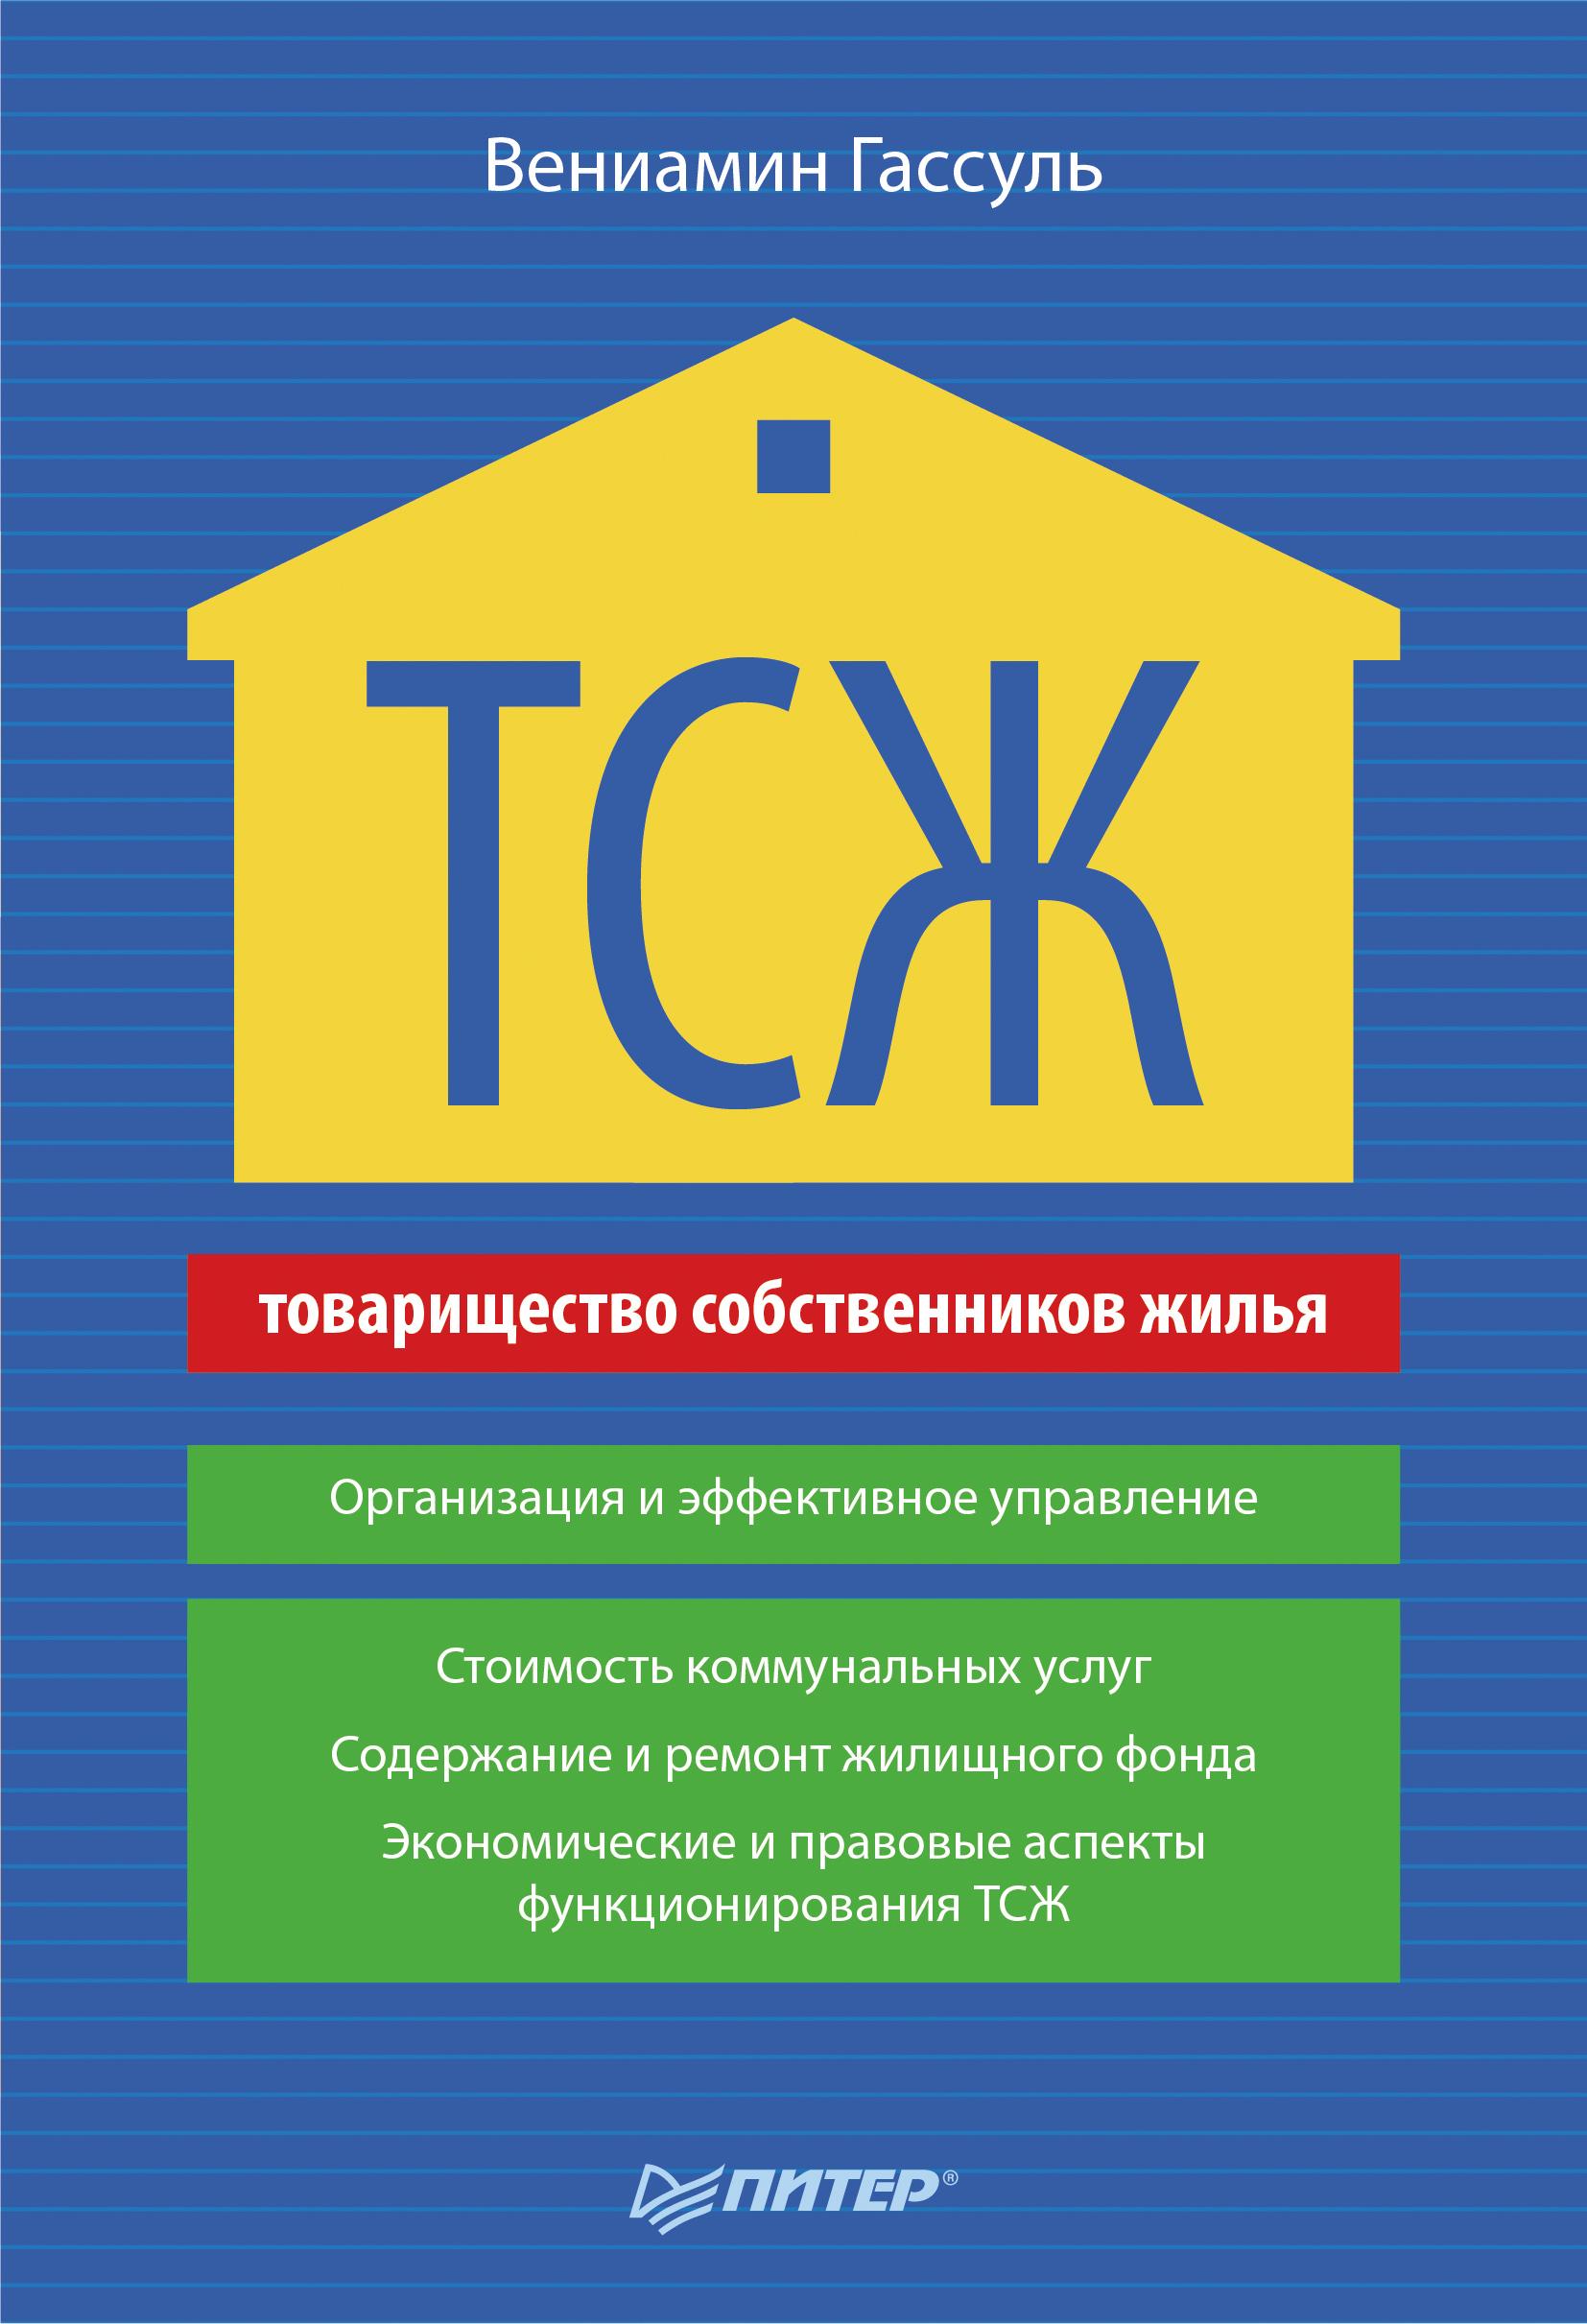 Фото - Вениамин Гассуль ТСЖ. Организация и эффективное управление фз о товариществах собственников жилья